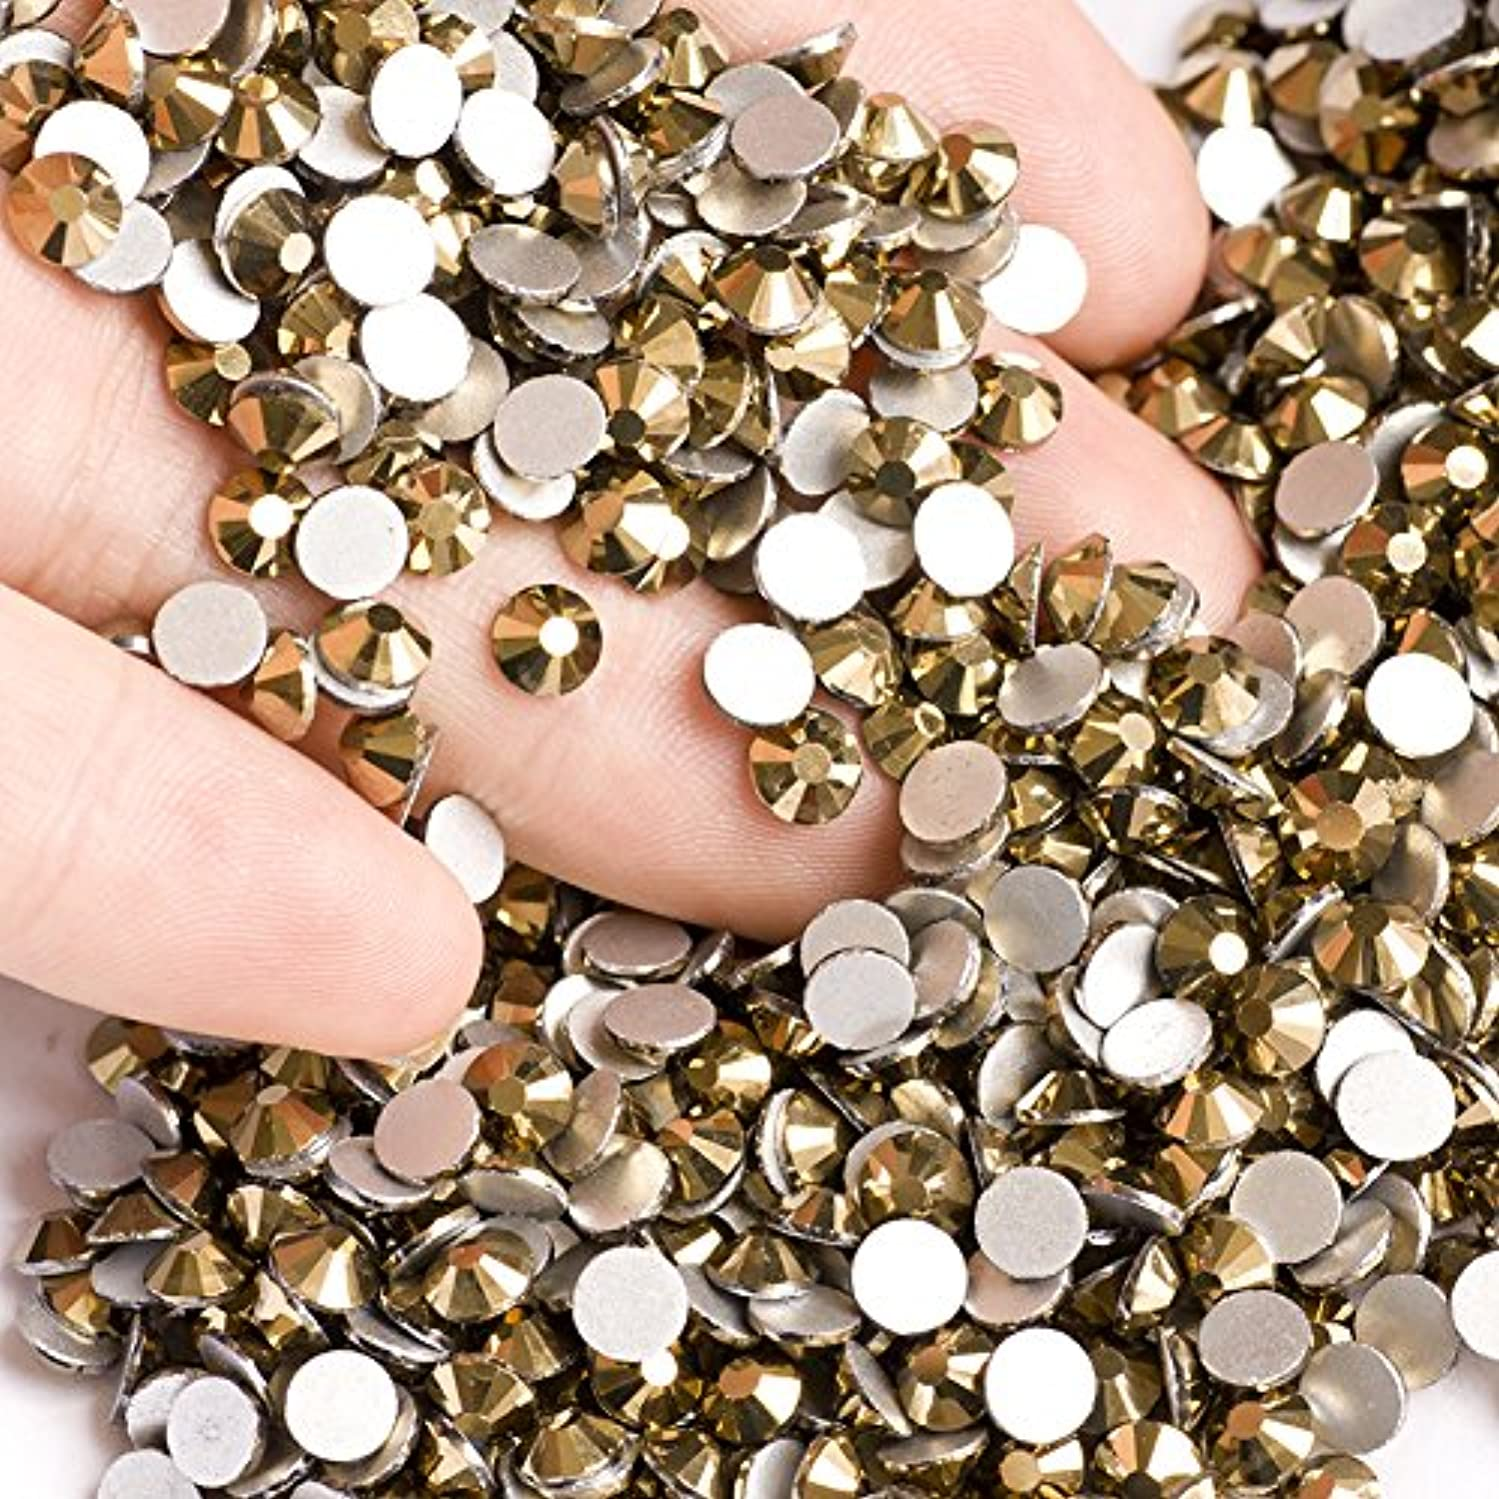 弁護予言する国際高品質ガラス製ラインストーン ゴールド 業務用パック1440粒入り ネイル デコ レジンに (4.8mm (SS20) 約1440粒) [並行輸入品]